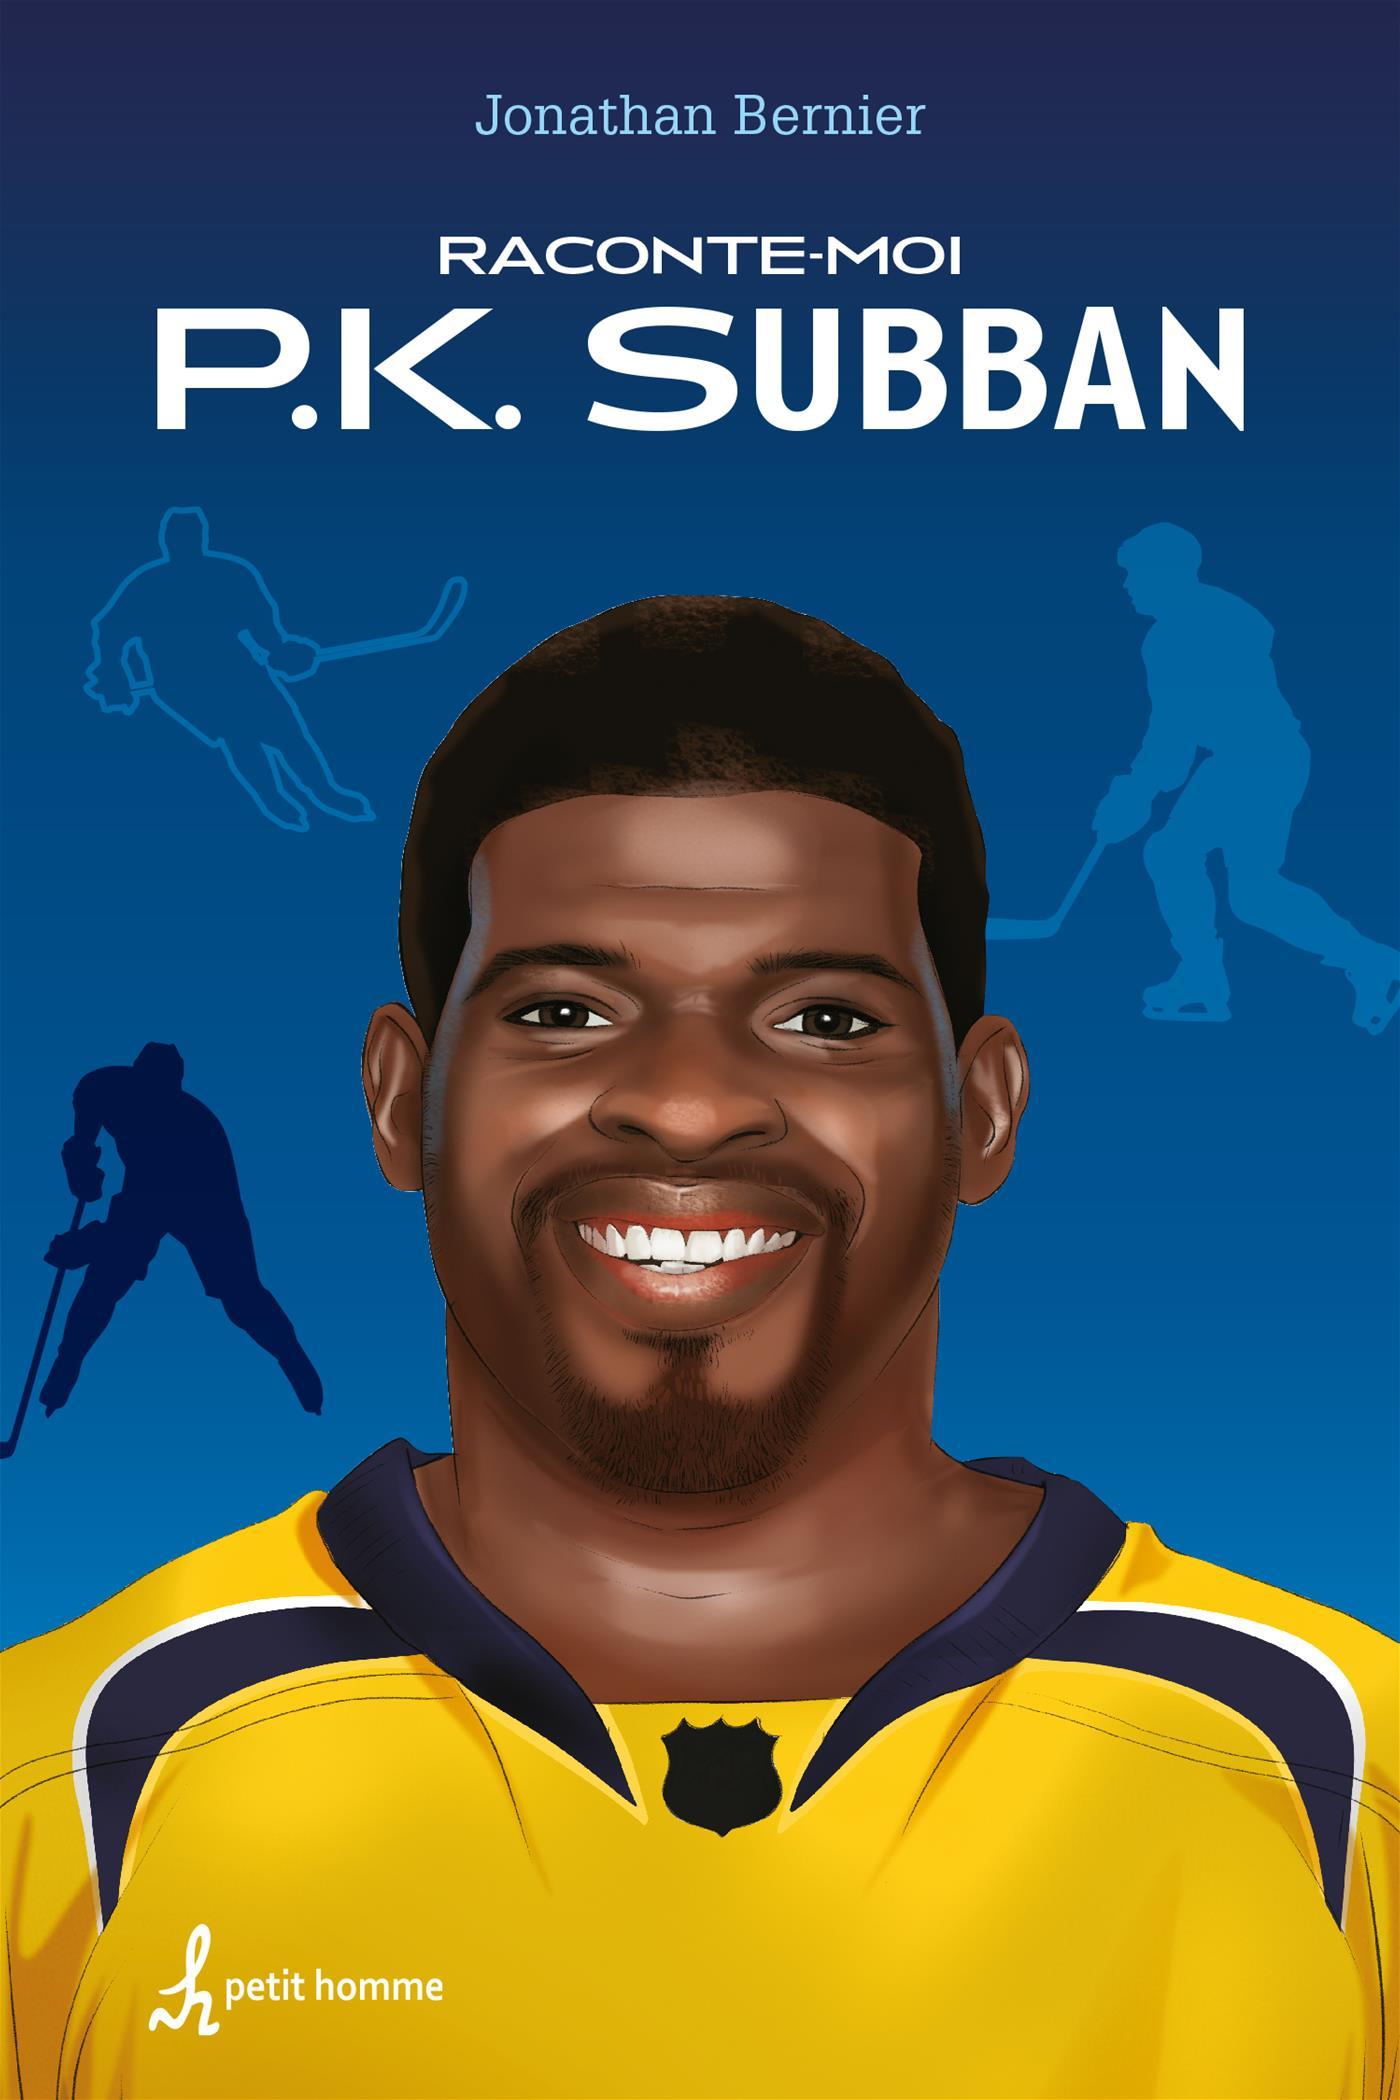 Raconte-moi PK Subban